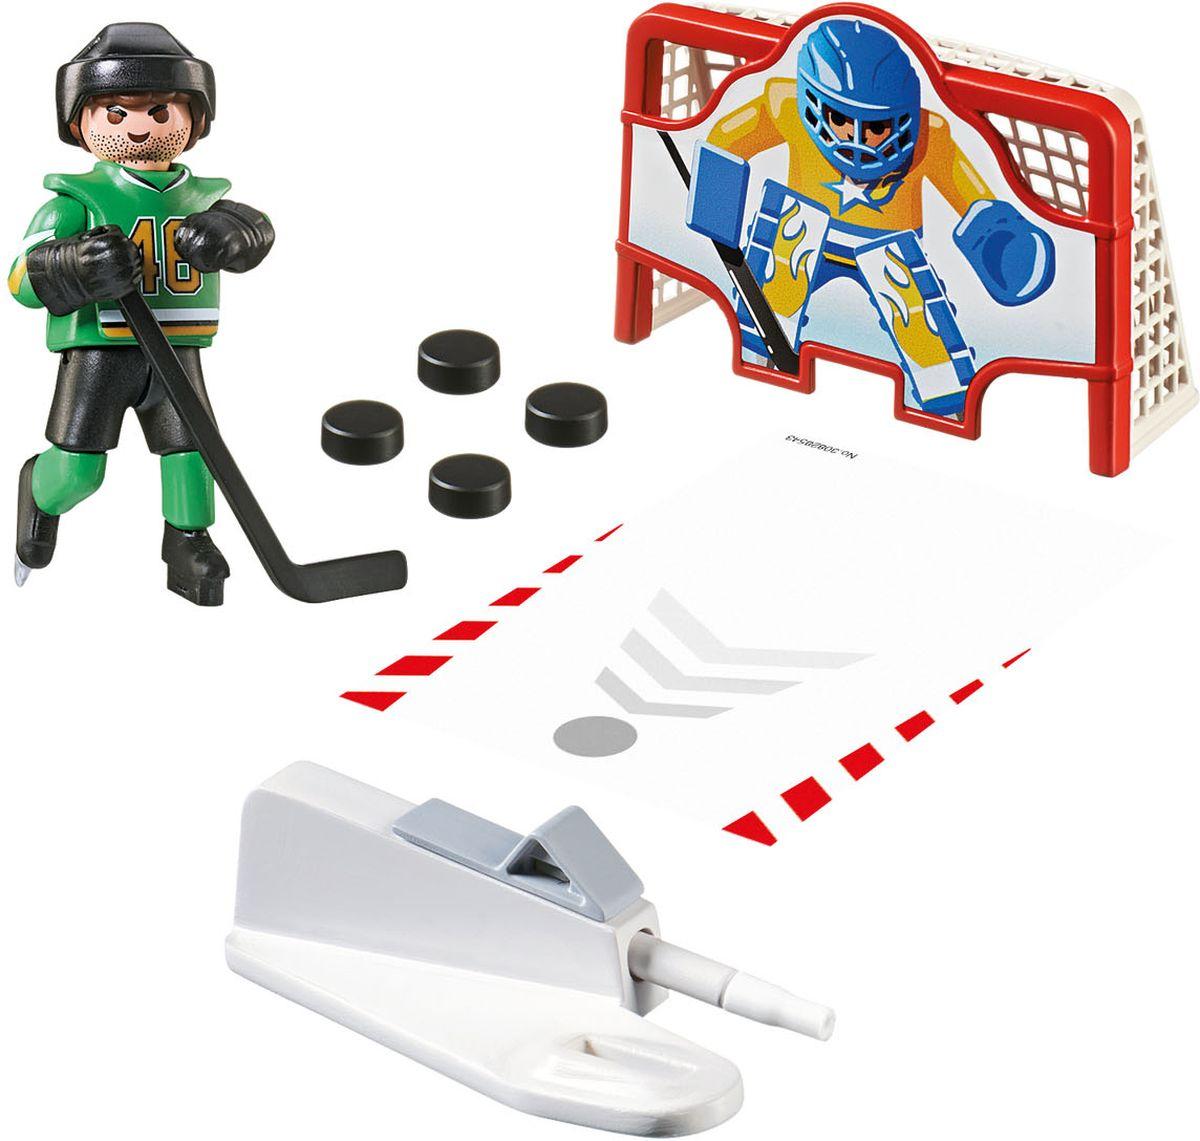 Playmobil Игровой набор Хоккей Тренажер для забивания голов missiya игровой набор суперагент звуковой бинокль